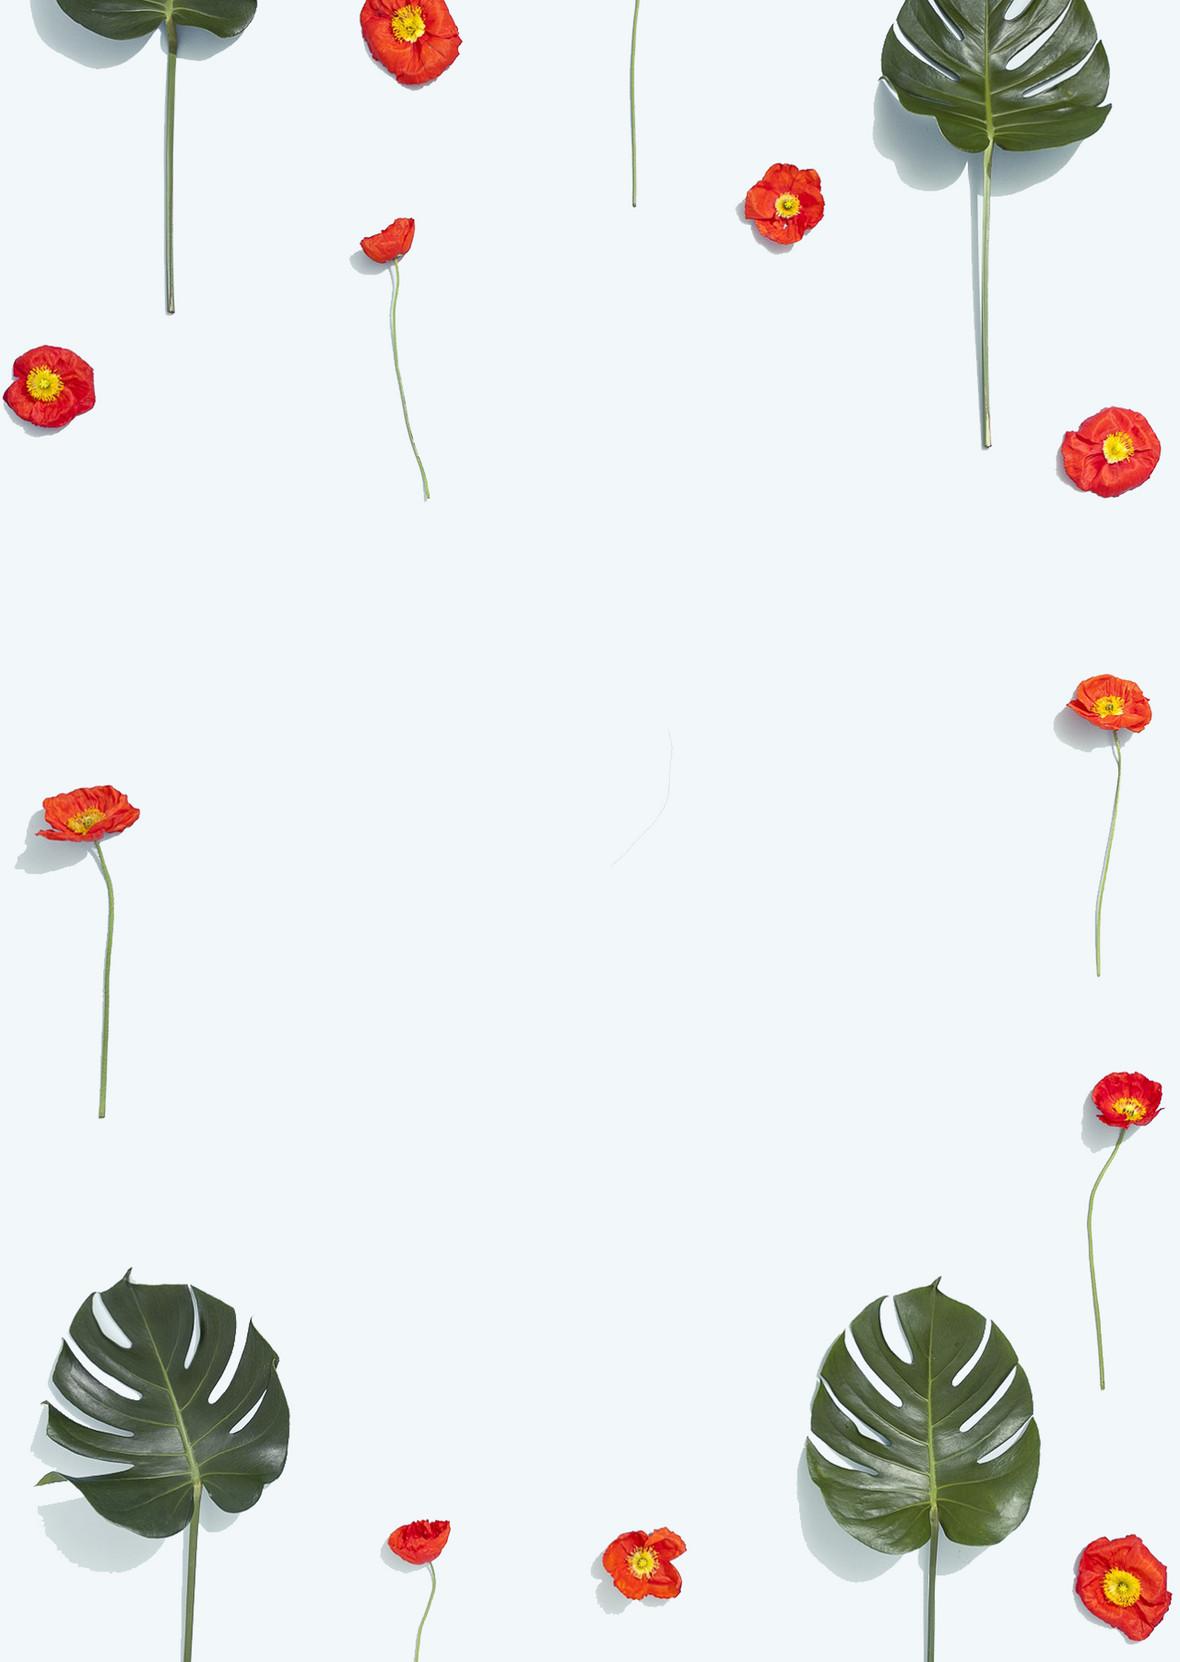 女生节小清新淘宝商业卡通海报展板背景素材